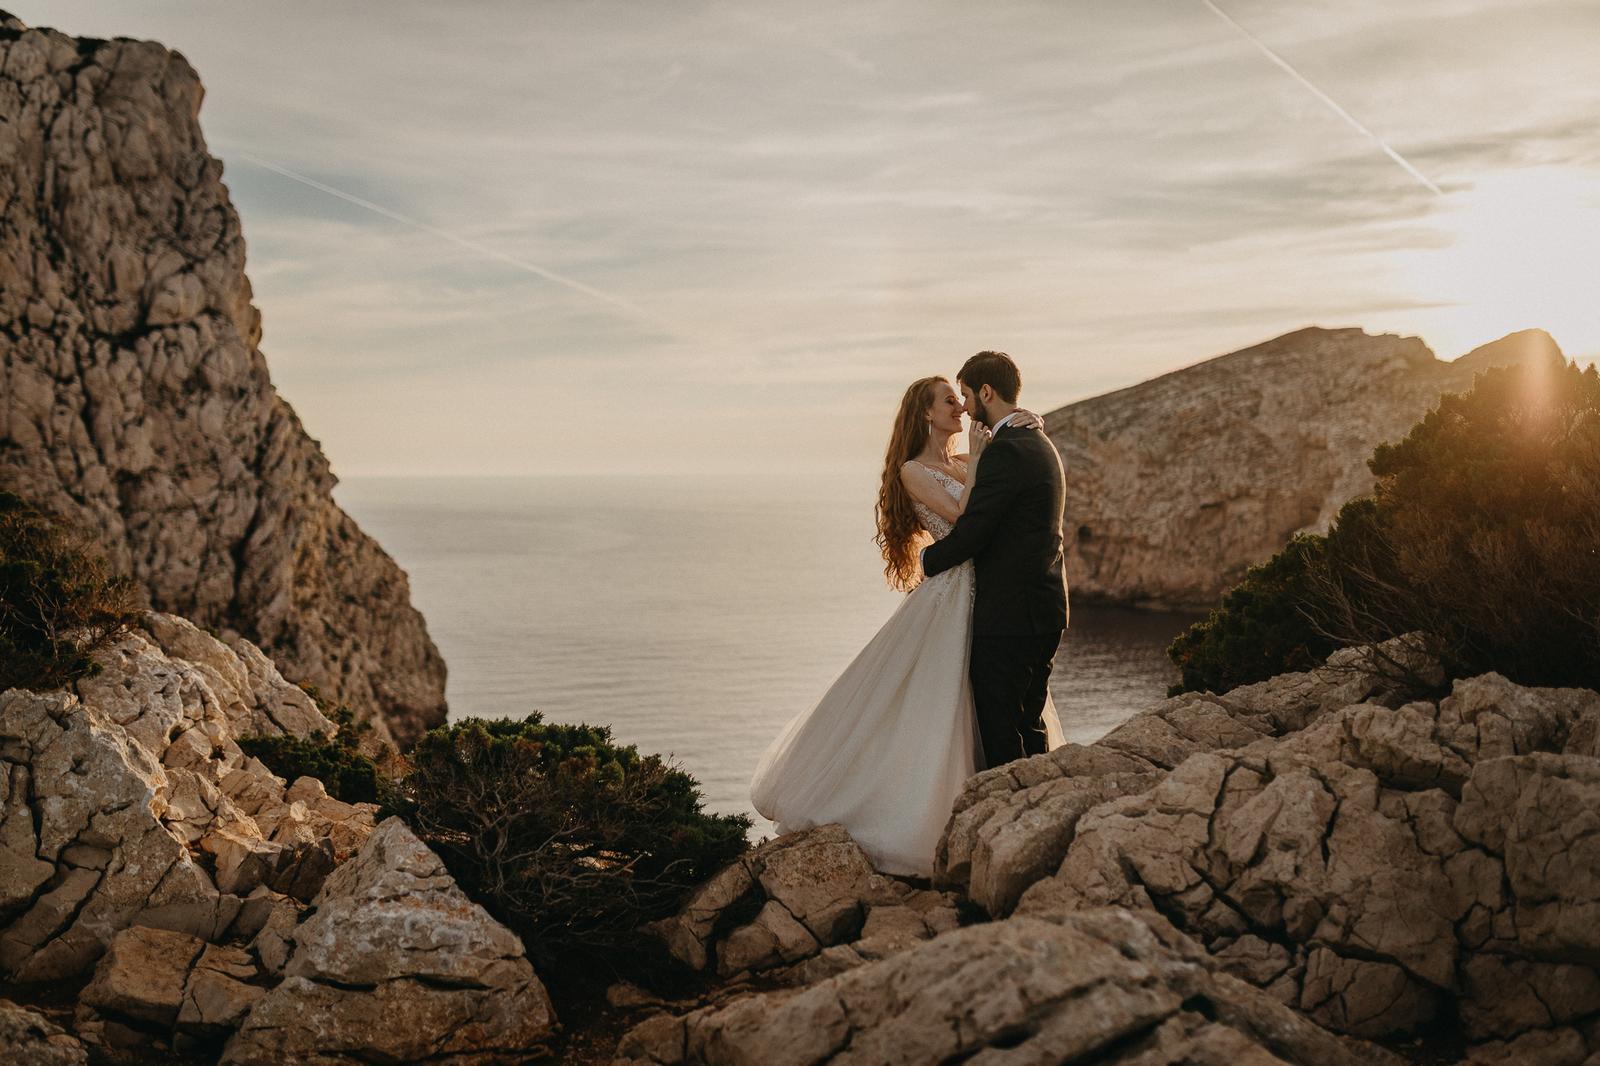 Naše svadobné fotenie na Sardínii - Obrázok č. 69